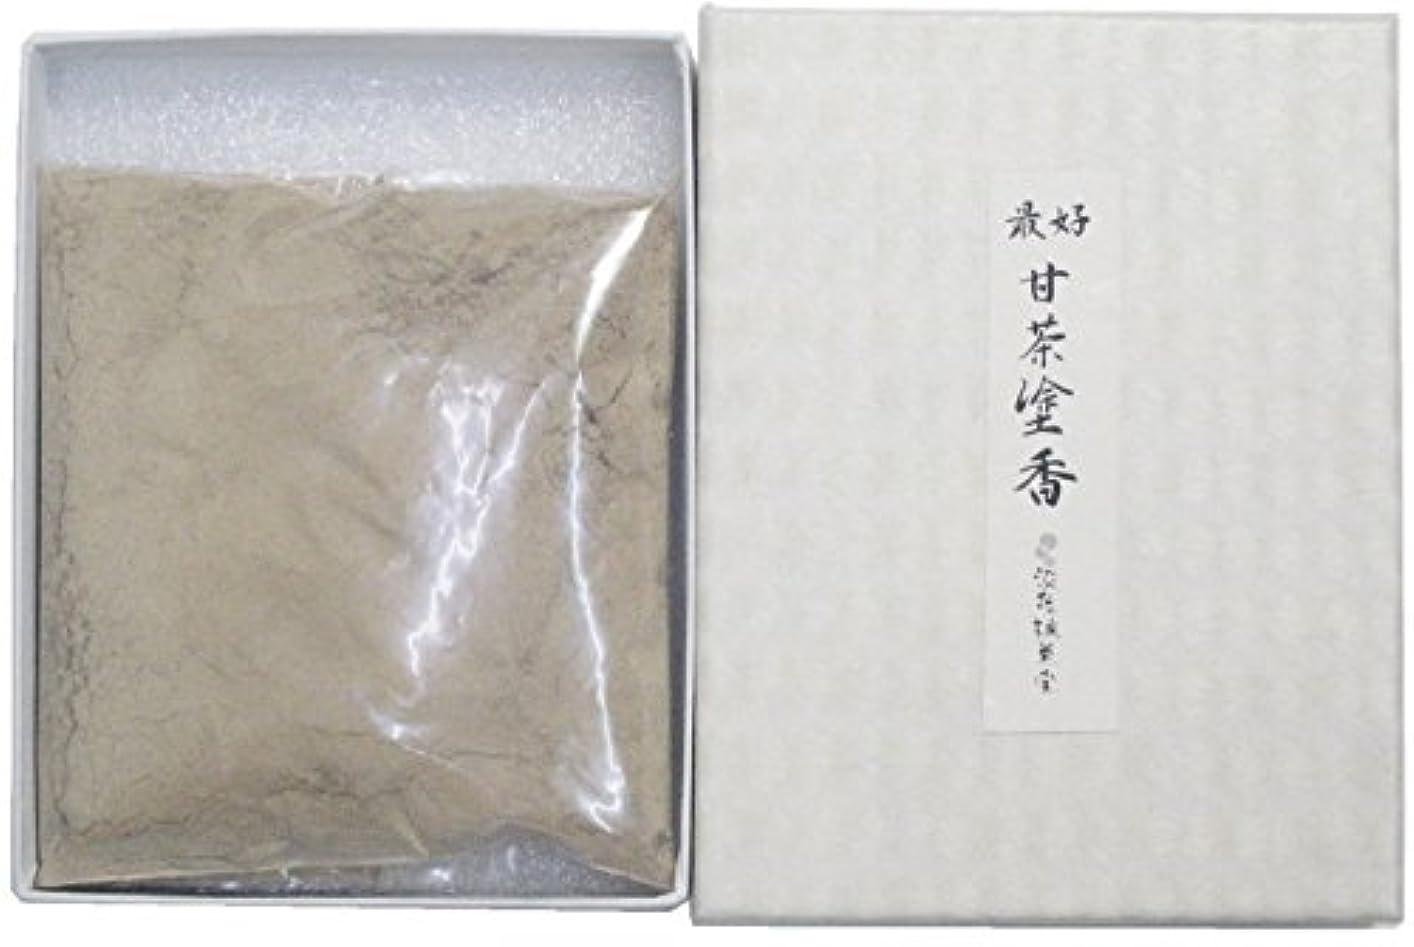 生産的直面する欺淡路梅薫堂の塗香 最好甘茶塗香 30g ( ずこう ) 粉末 #503